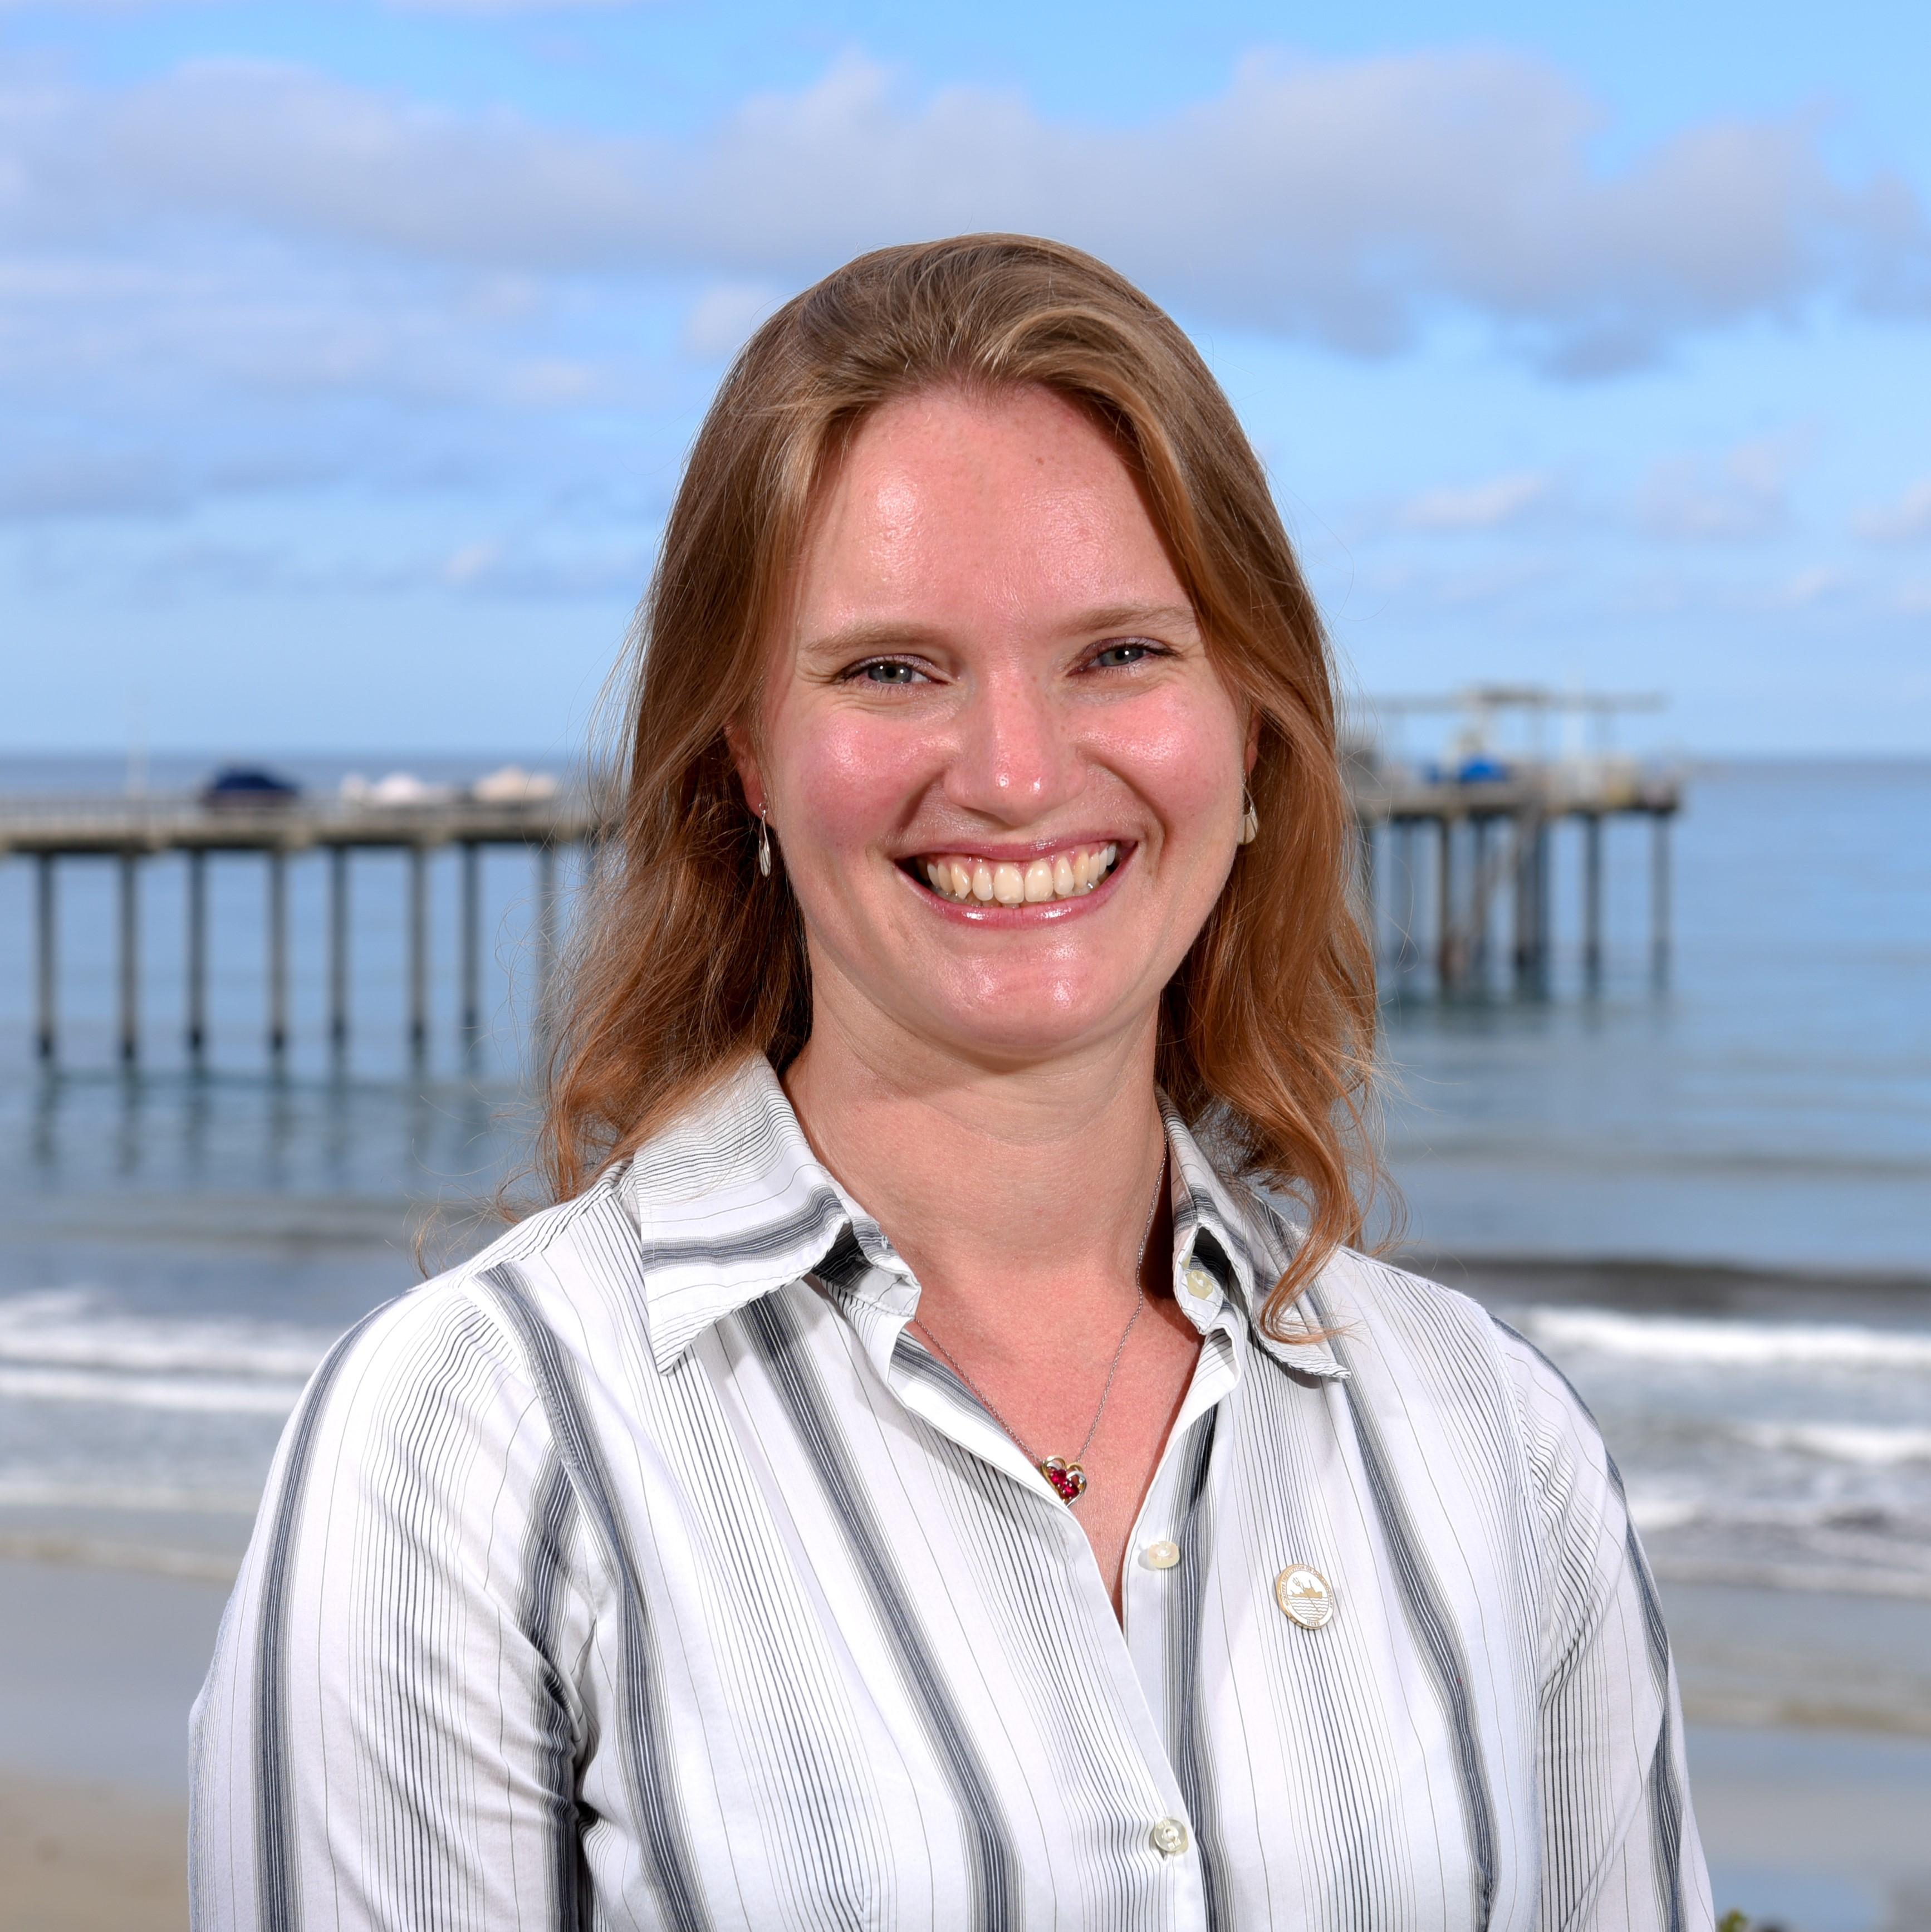 Evelien De Meulenaere : Staff Research Associate